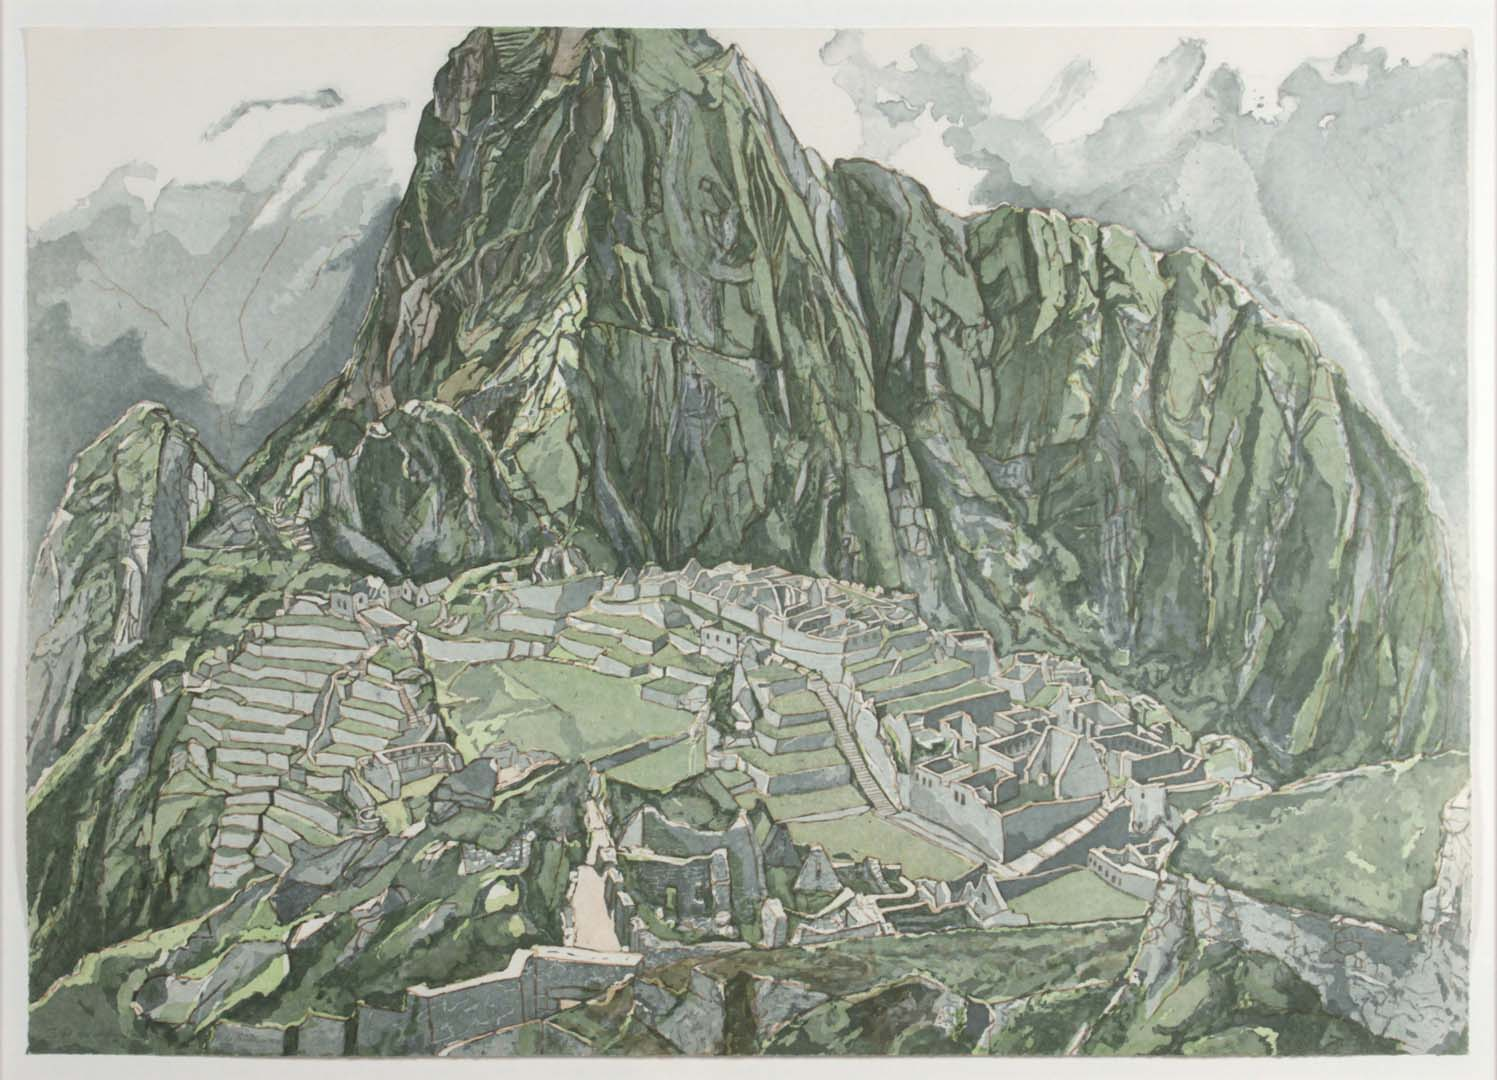 1979 Machu Picchu Aquatint Etching on Paper 28.5 x 40